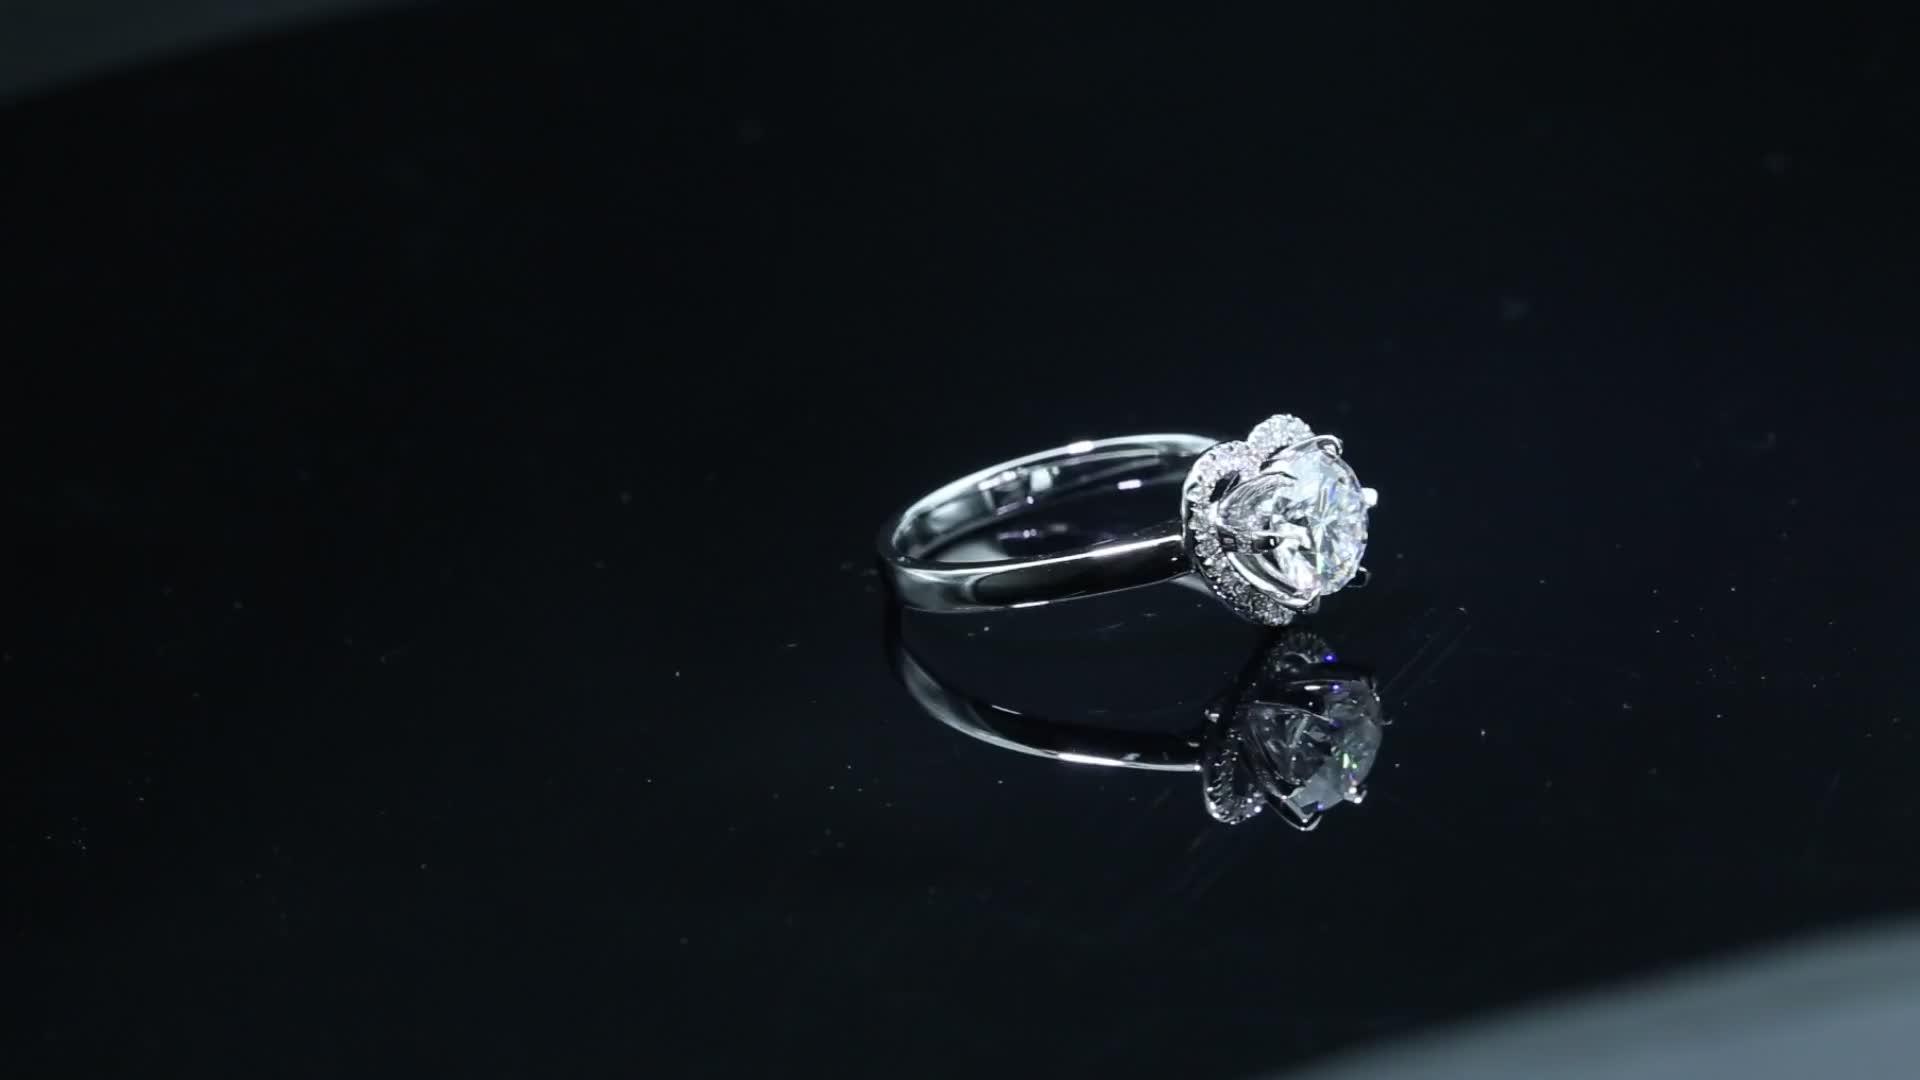 18K White gold Heart shape Factory Forever Love 6Prong setting Moissanite ring